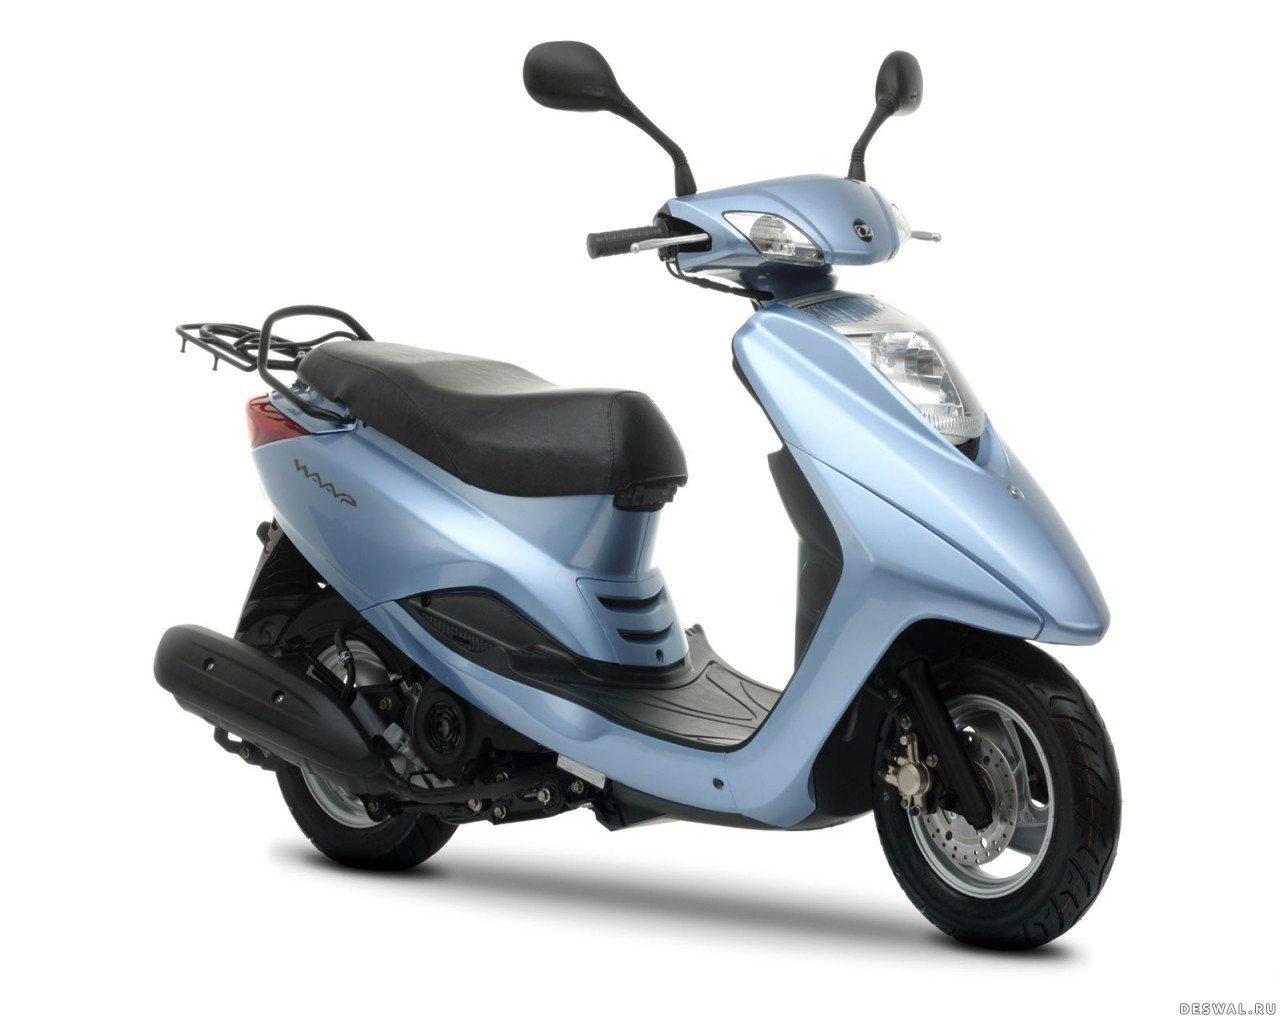 МБК на качественной обои. Нажмите на картинку с обоями мотоцикла mbk, чтобы просмотреть ее в реальном размере